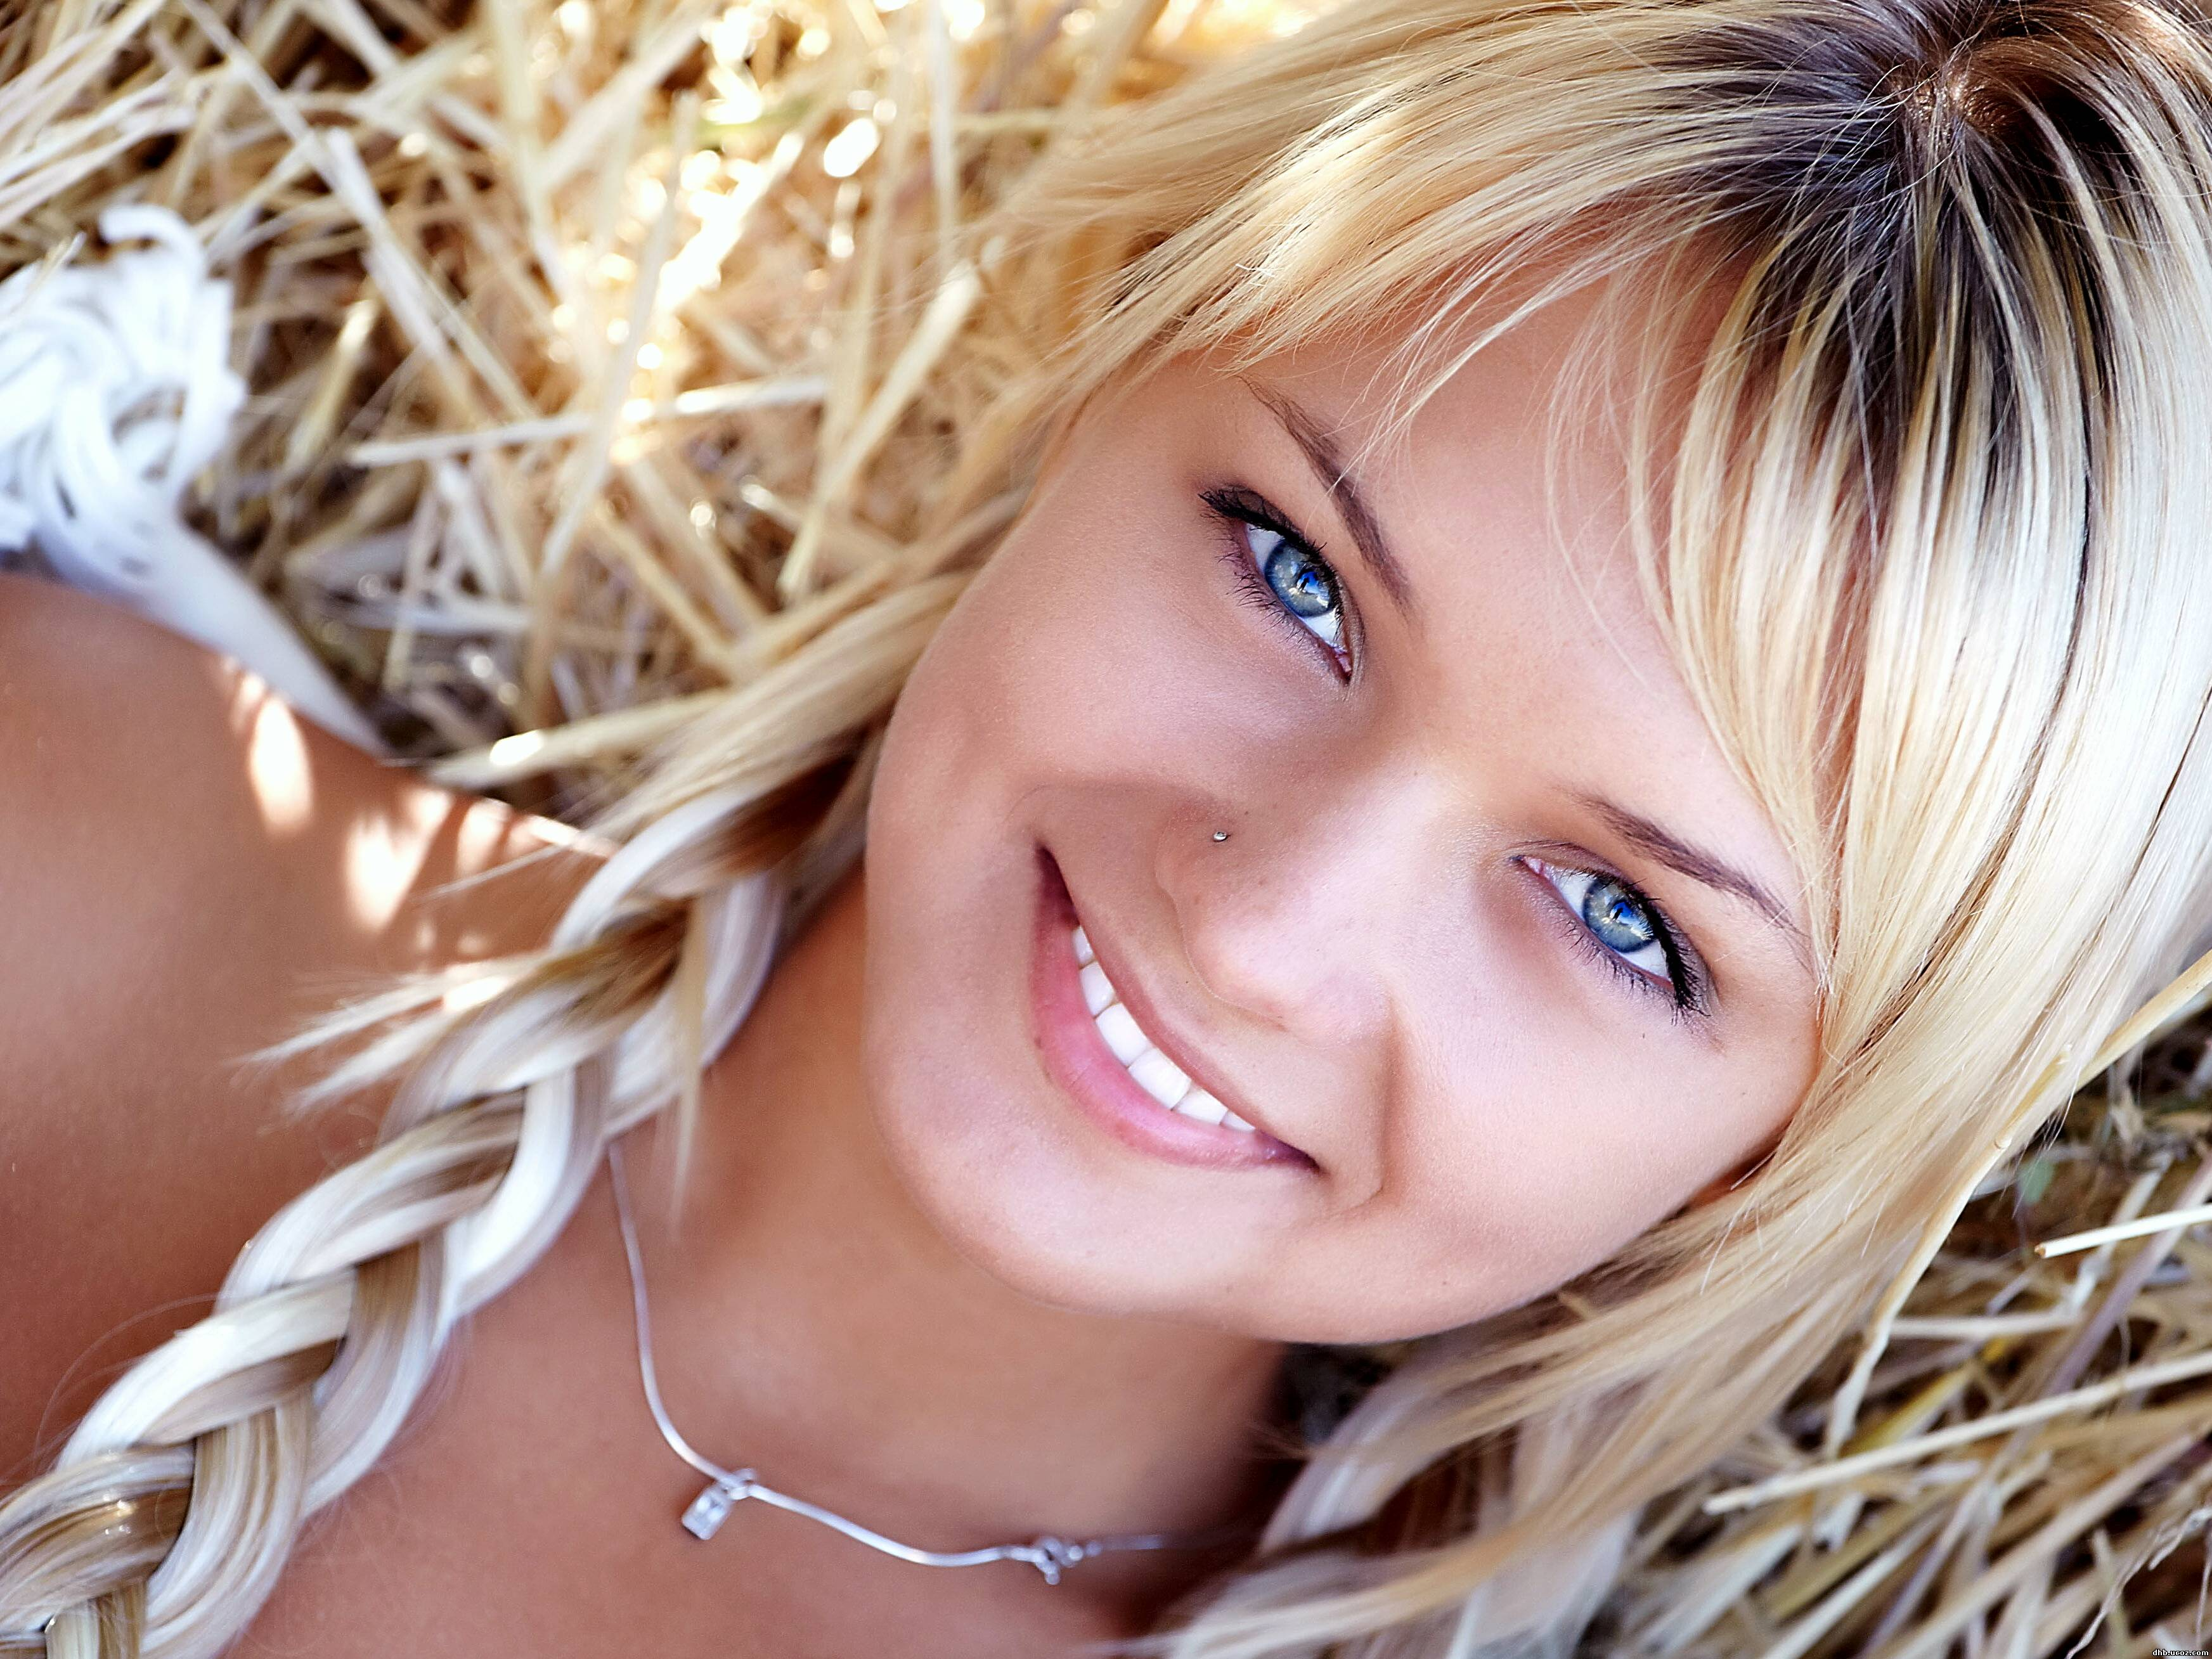 Фото невысокой блондинки издалека 12 фотография